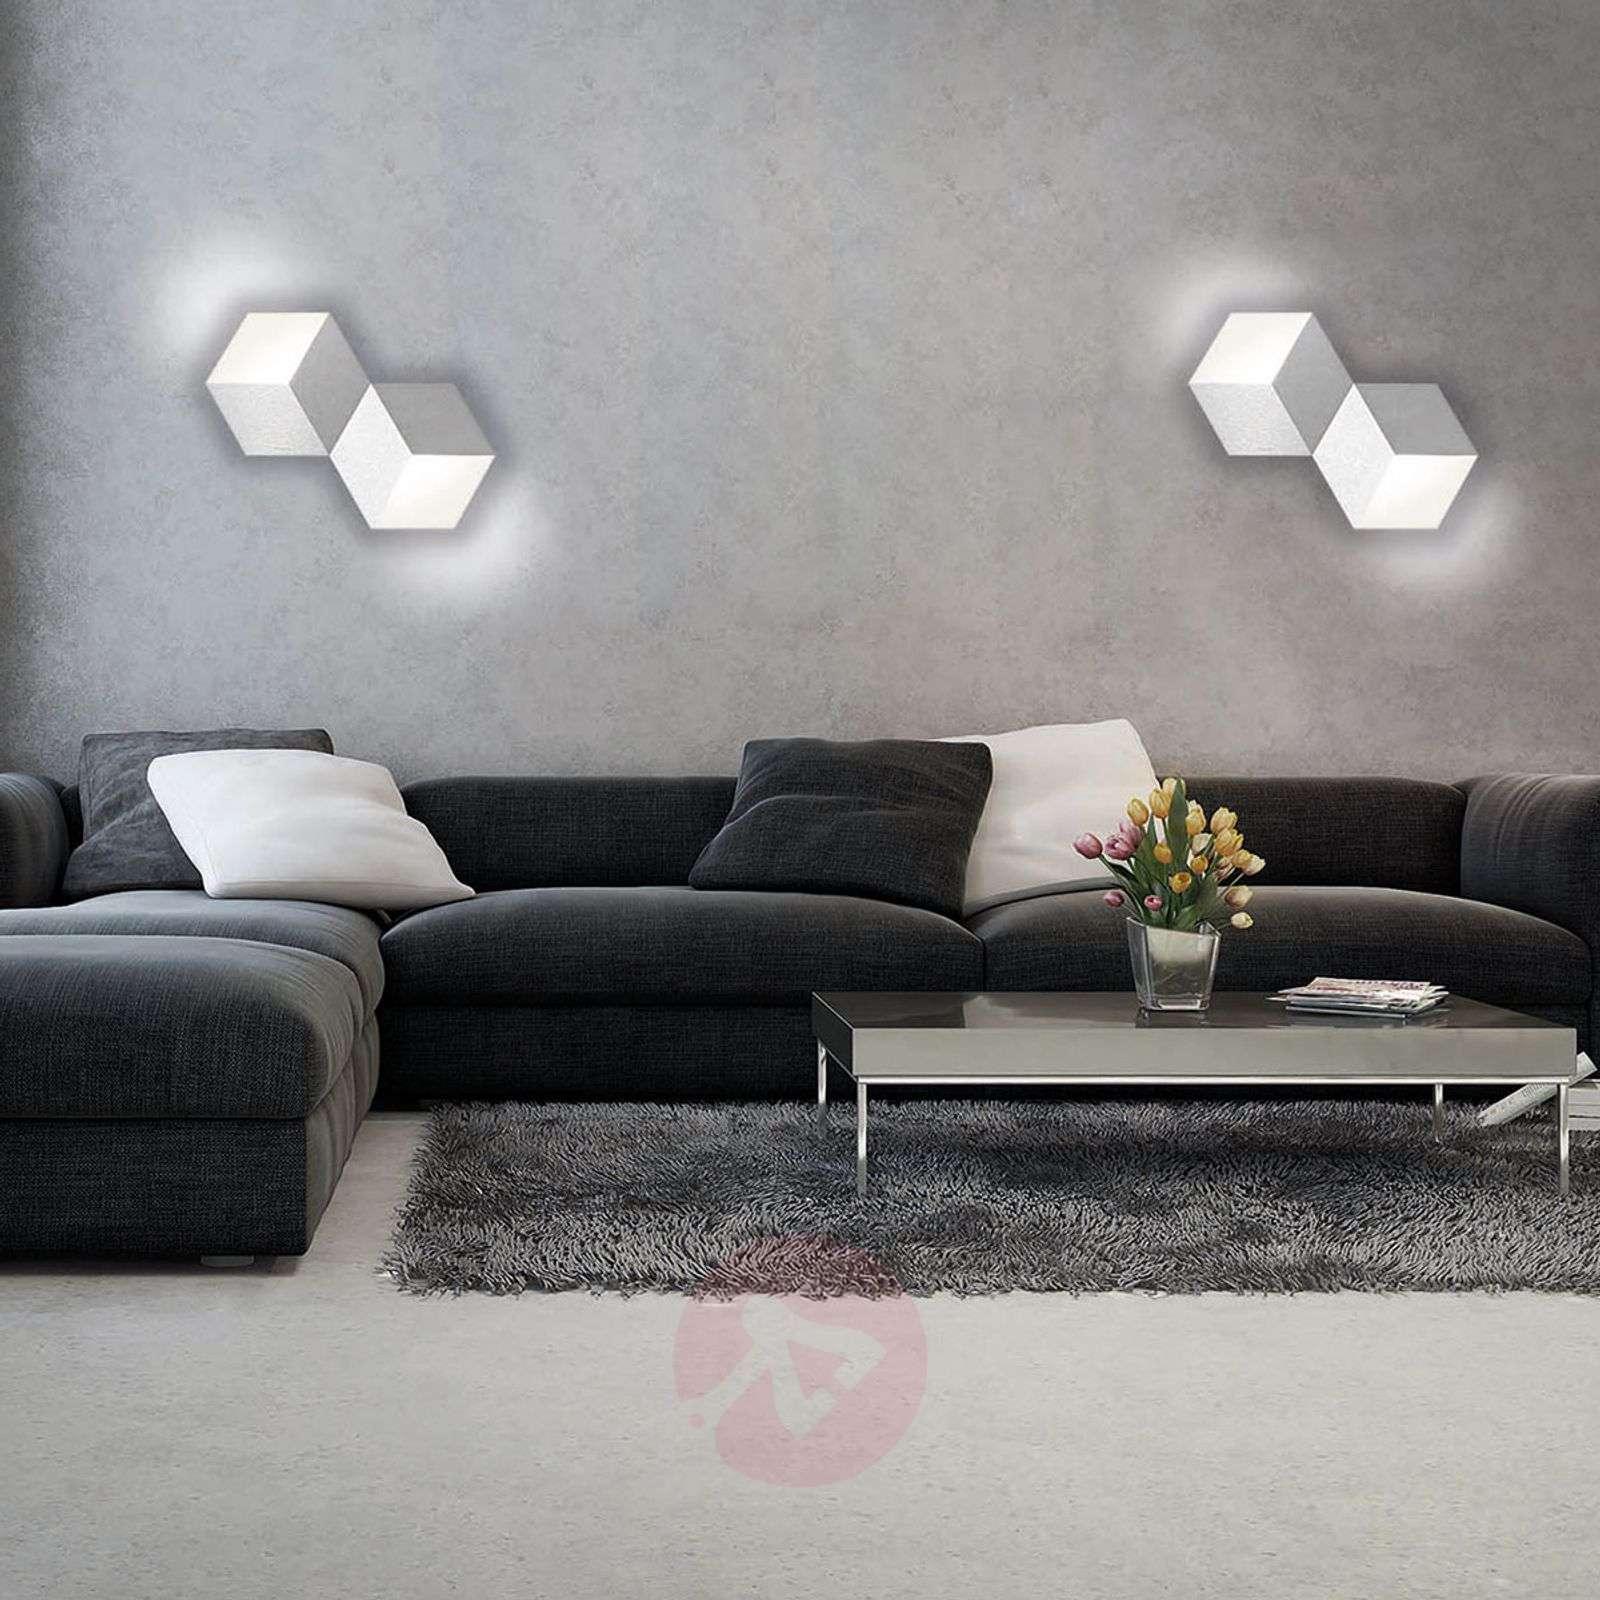 GROSSMANN Geo LED-seinävalaisin 2-lampp.-4022036-01